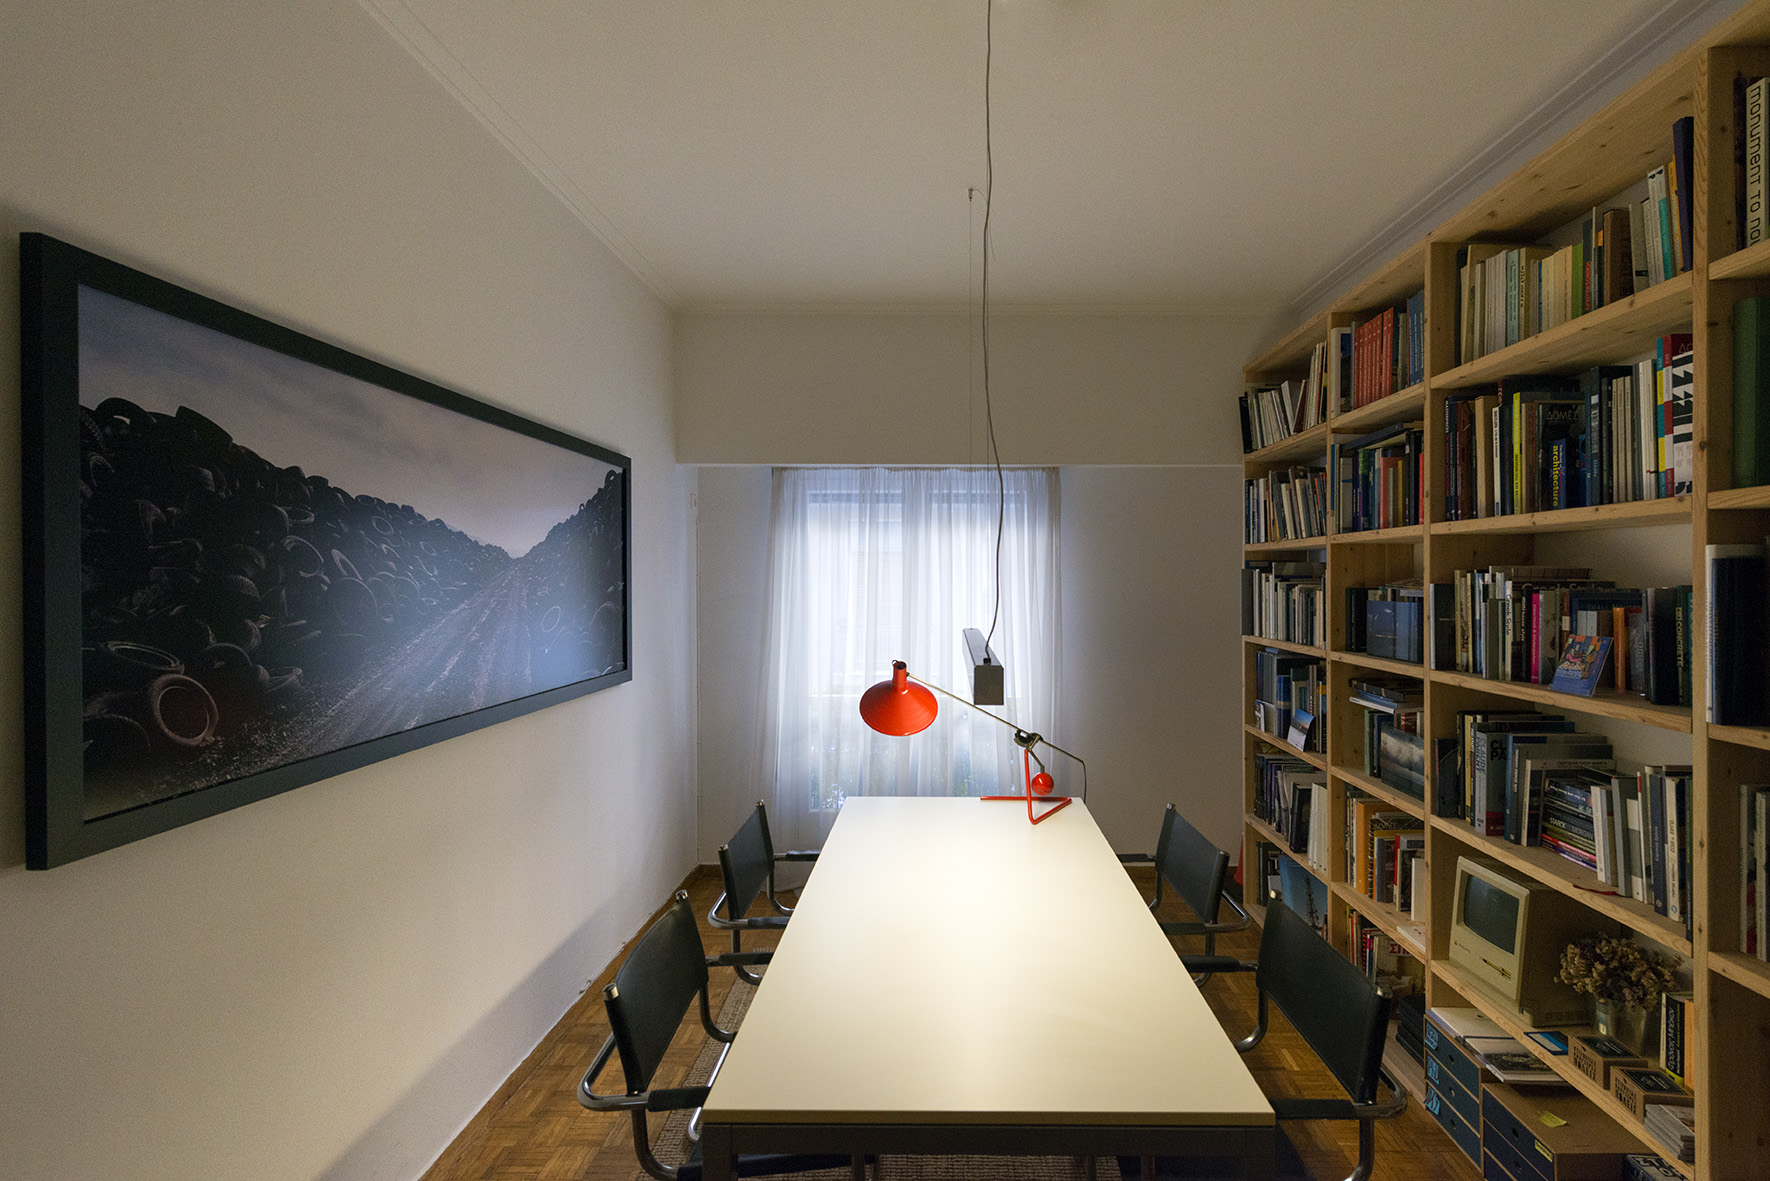 Ερατώ Κουτσουδάκη, Erato Koutsoudaki, αρχιτέκτων μουσειολόγος, μουσειογράφος, σχεδιασμός εκθέσεων μουσείων, exhibition designer, museologist, μουσειογραφικές μελέτες, μουσειολόγος, greek exhibition design company, muséum exhibition cunsultant, σύμβουλος μουσείων, architect athens greece